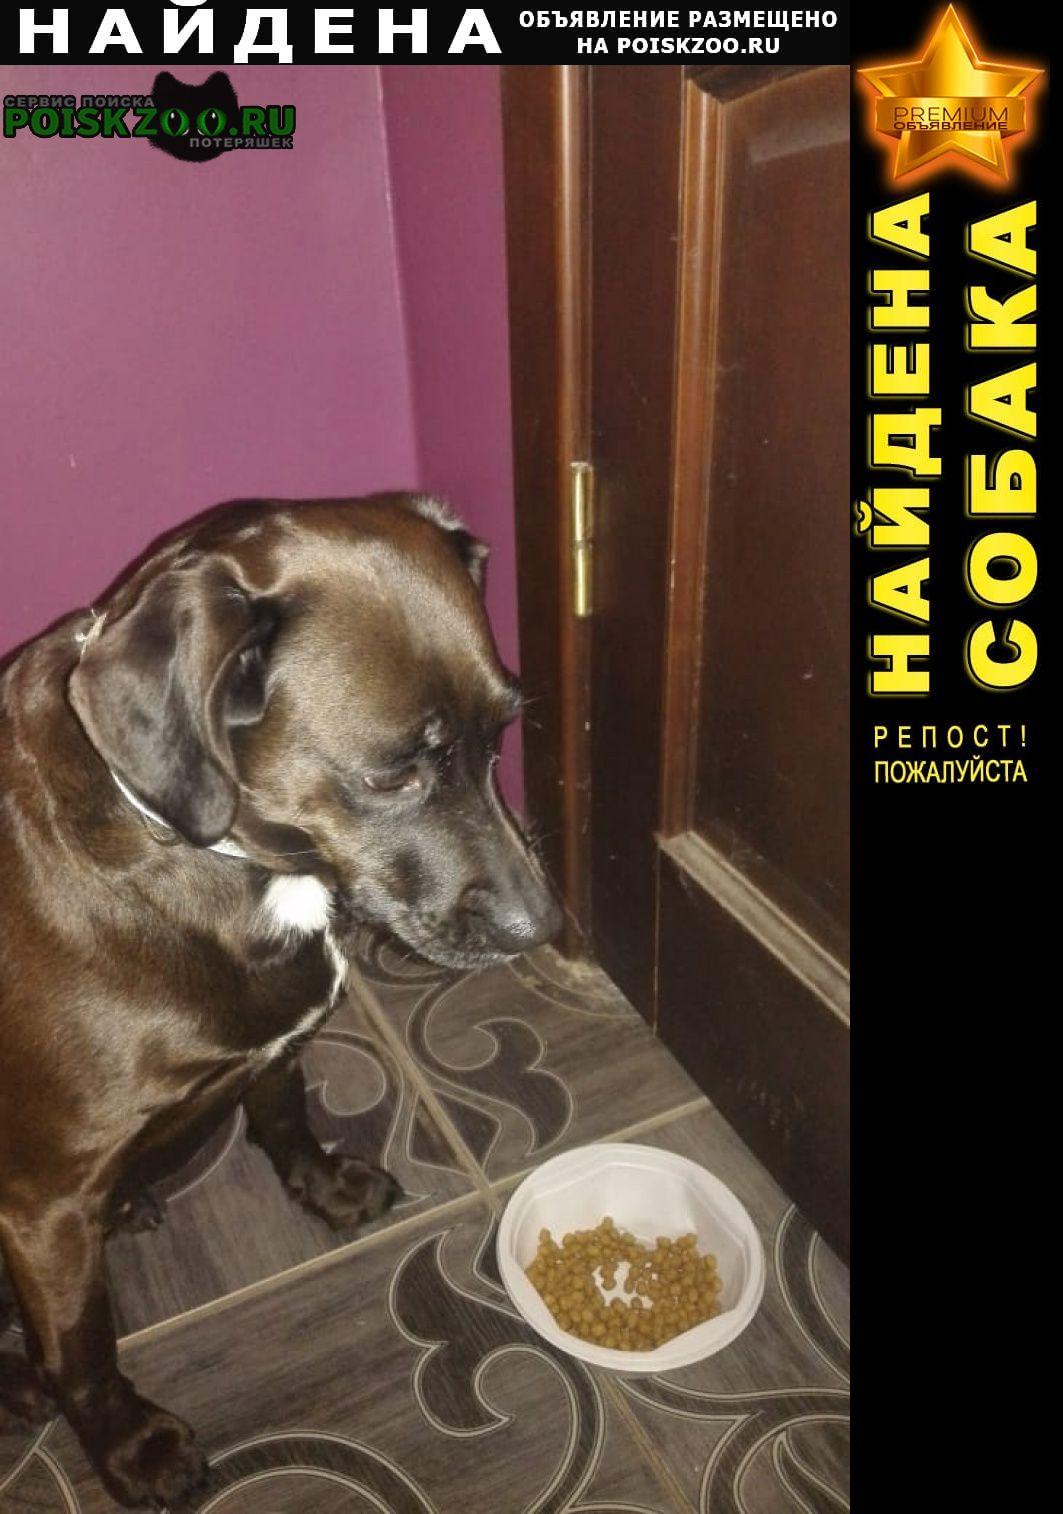 Найдена собака Калининград (Кенигсберг)